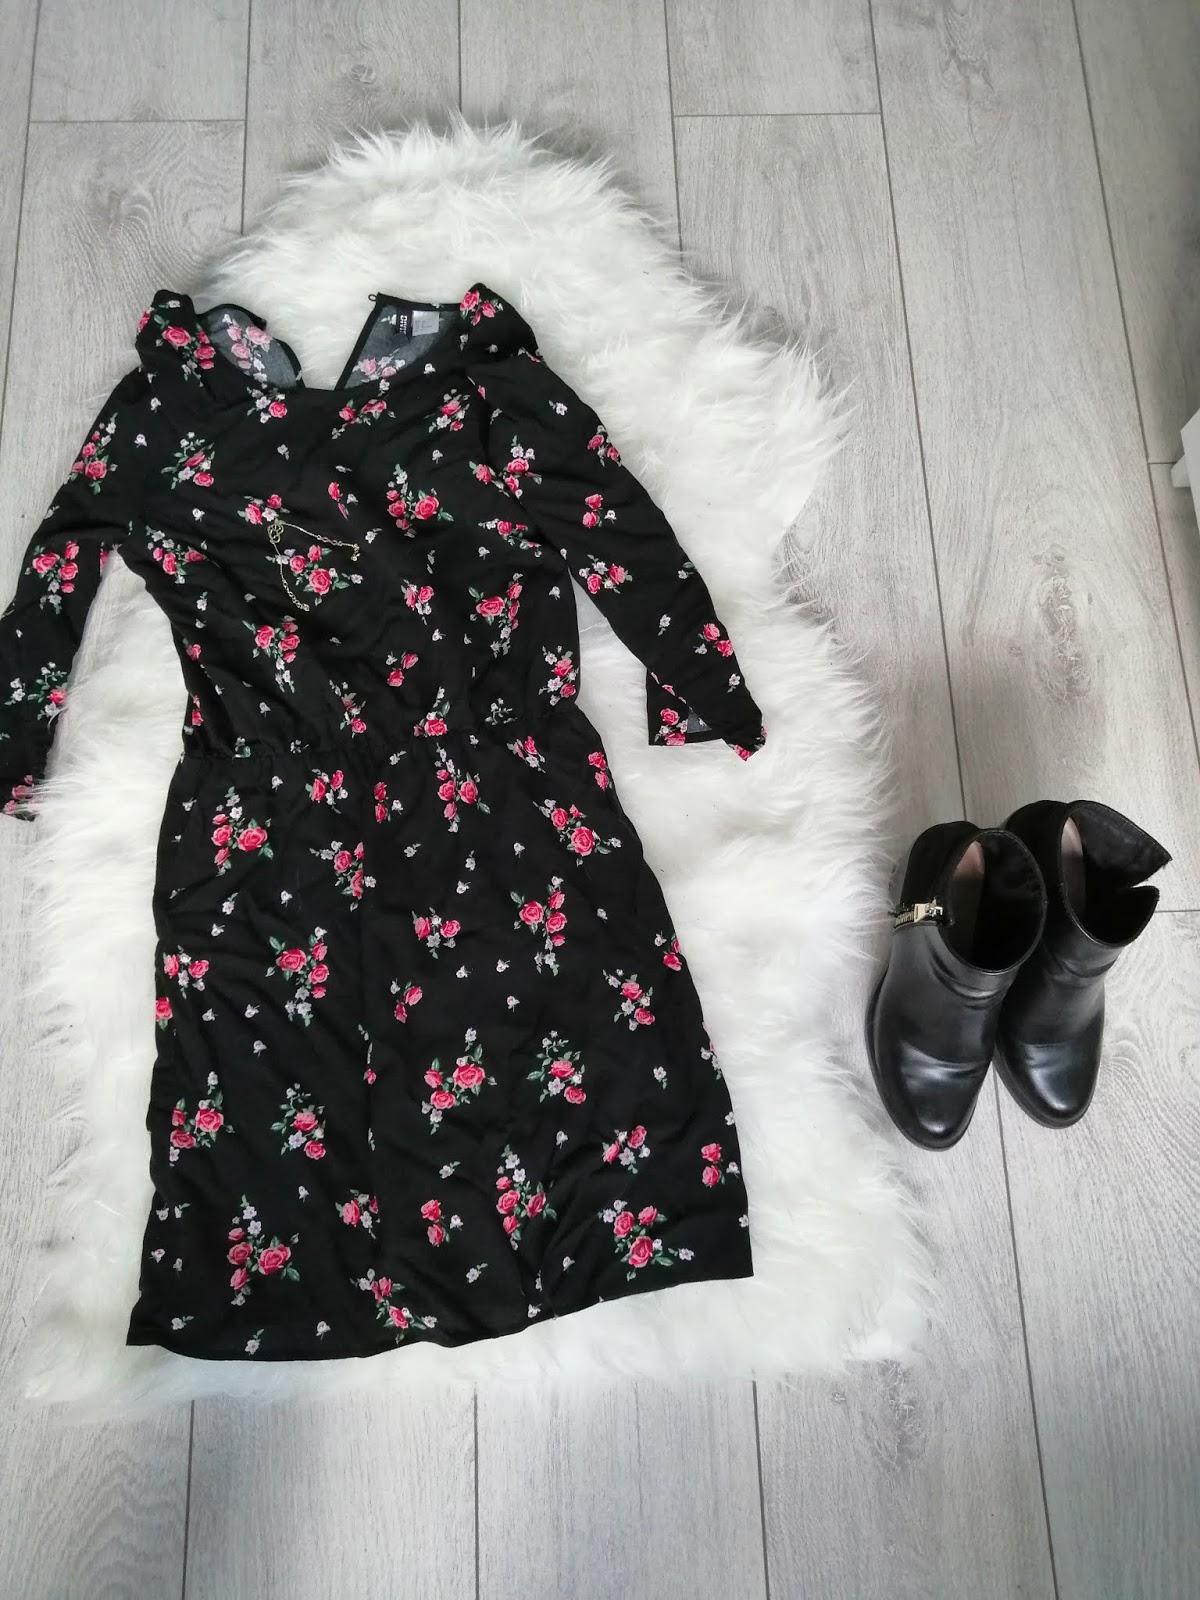 9bafc3a11d Jesienna sukienka w kwiaty - Womanhood Duty